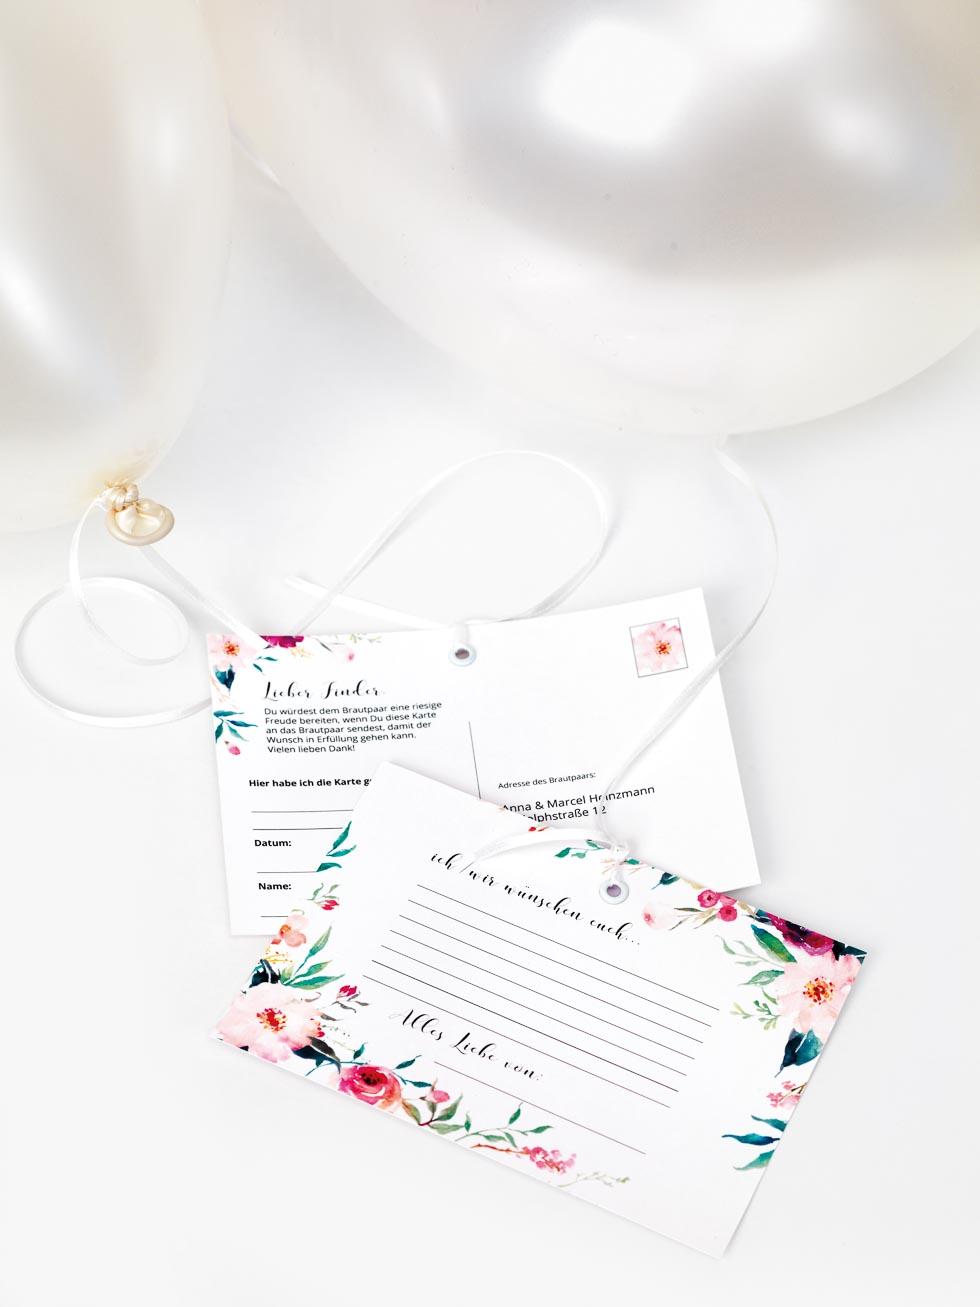 Vorlagen Ballonflugkarten fr eure Hochzeit